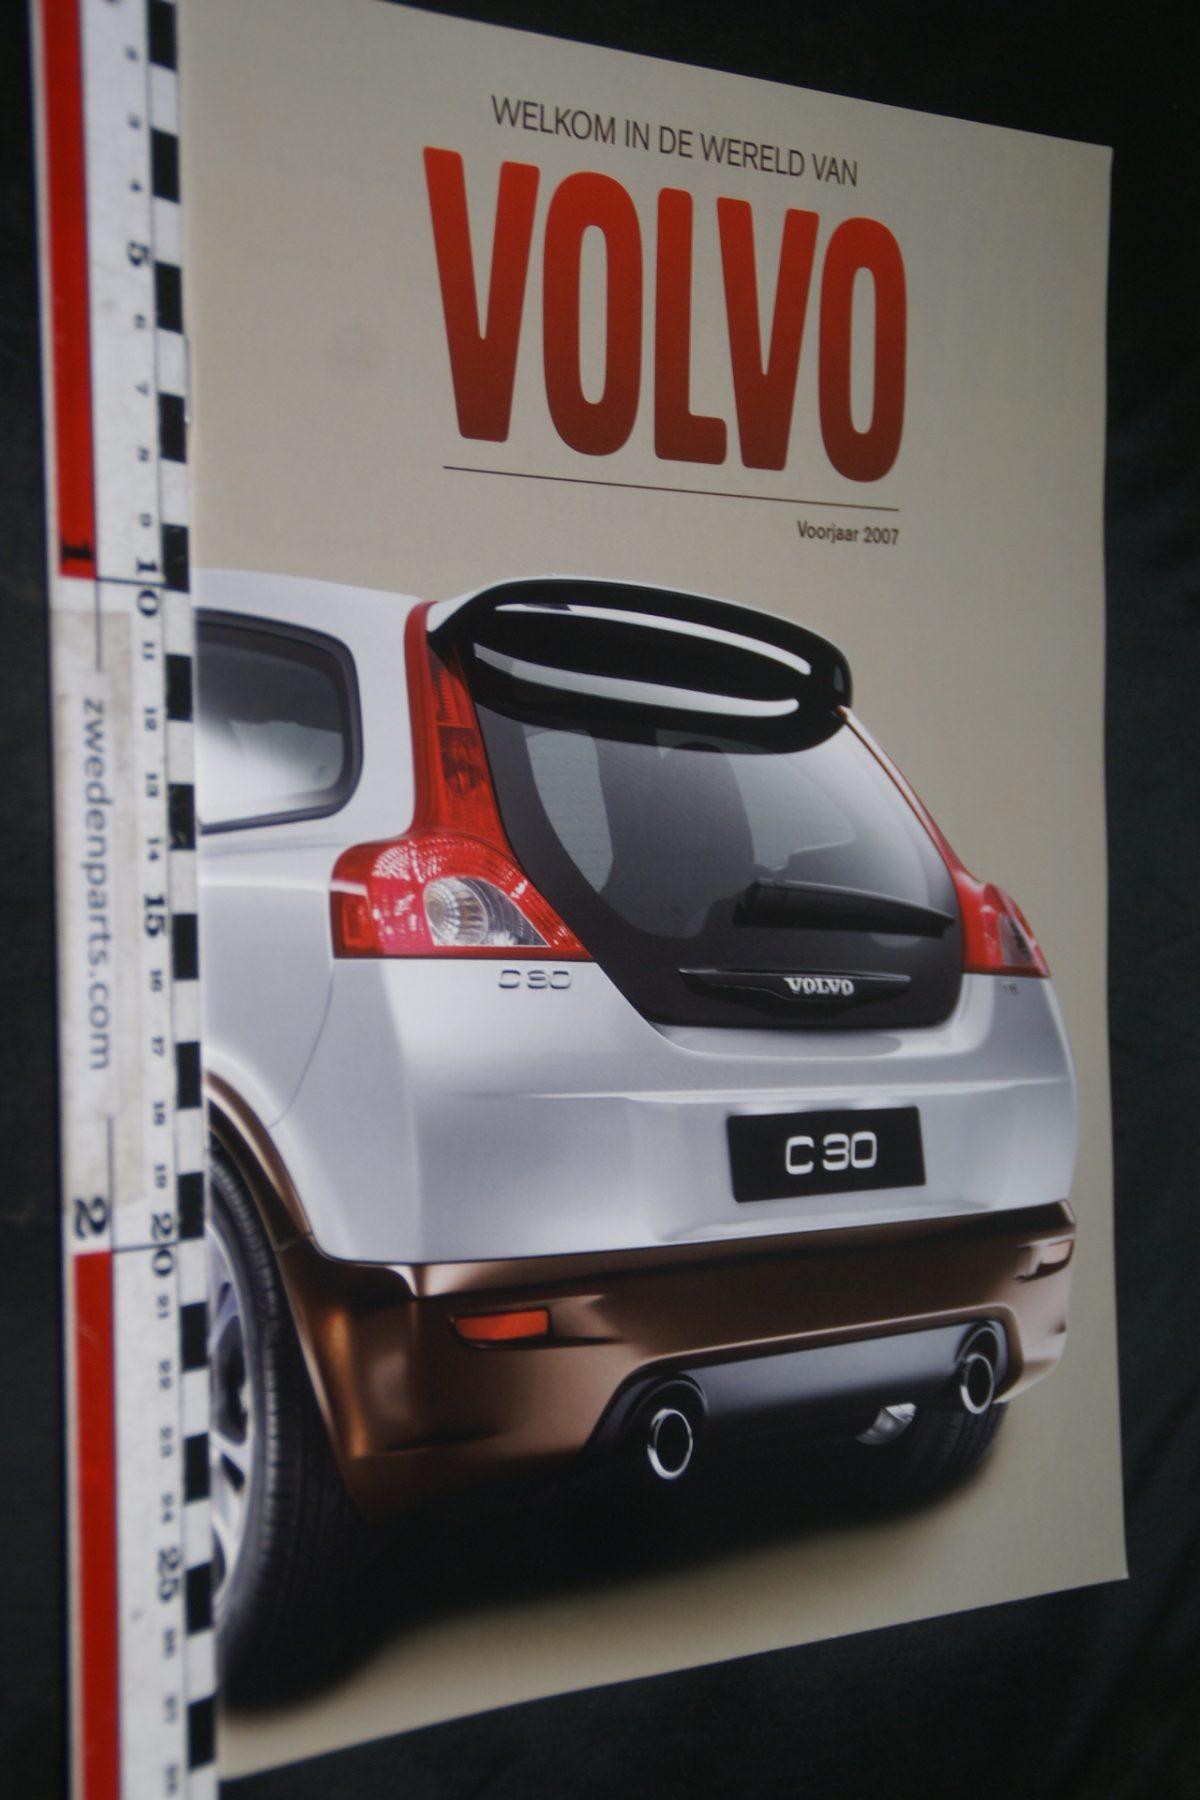 DSC06058 2007 voorjaar brochure Volvo C30